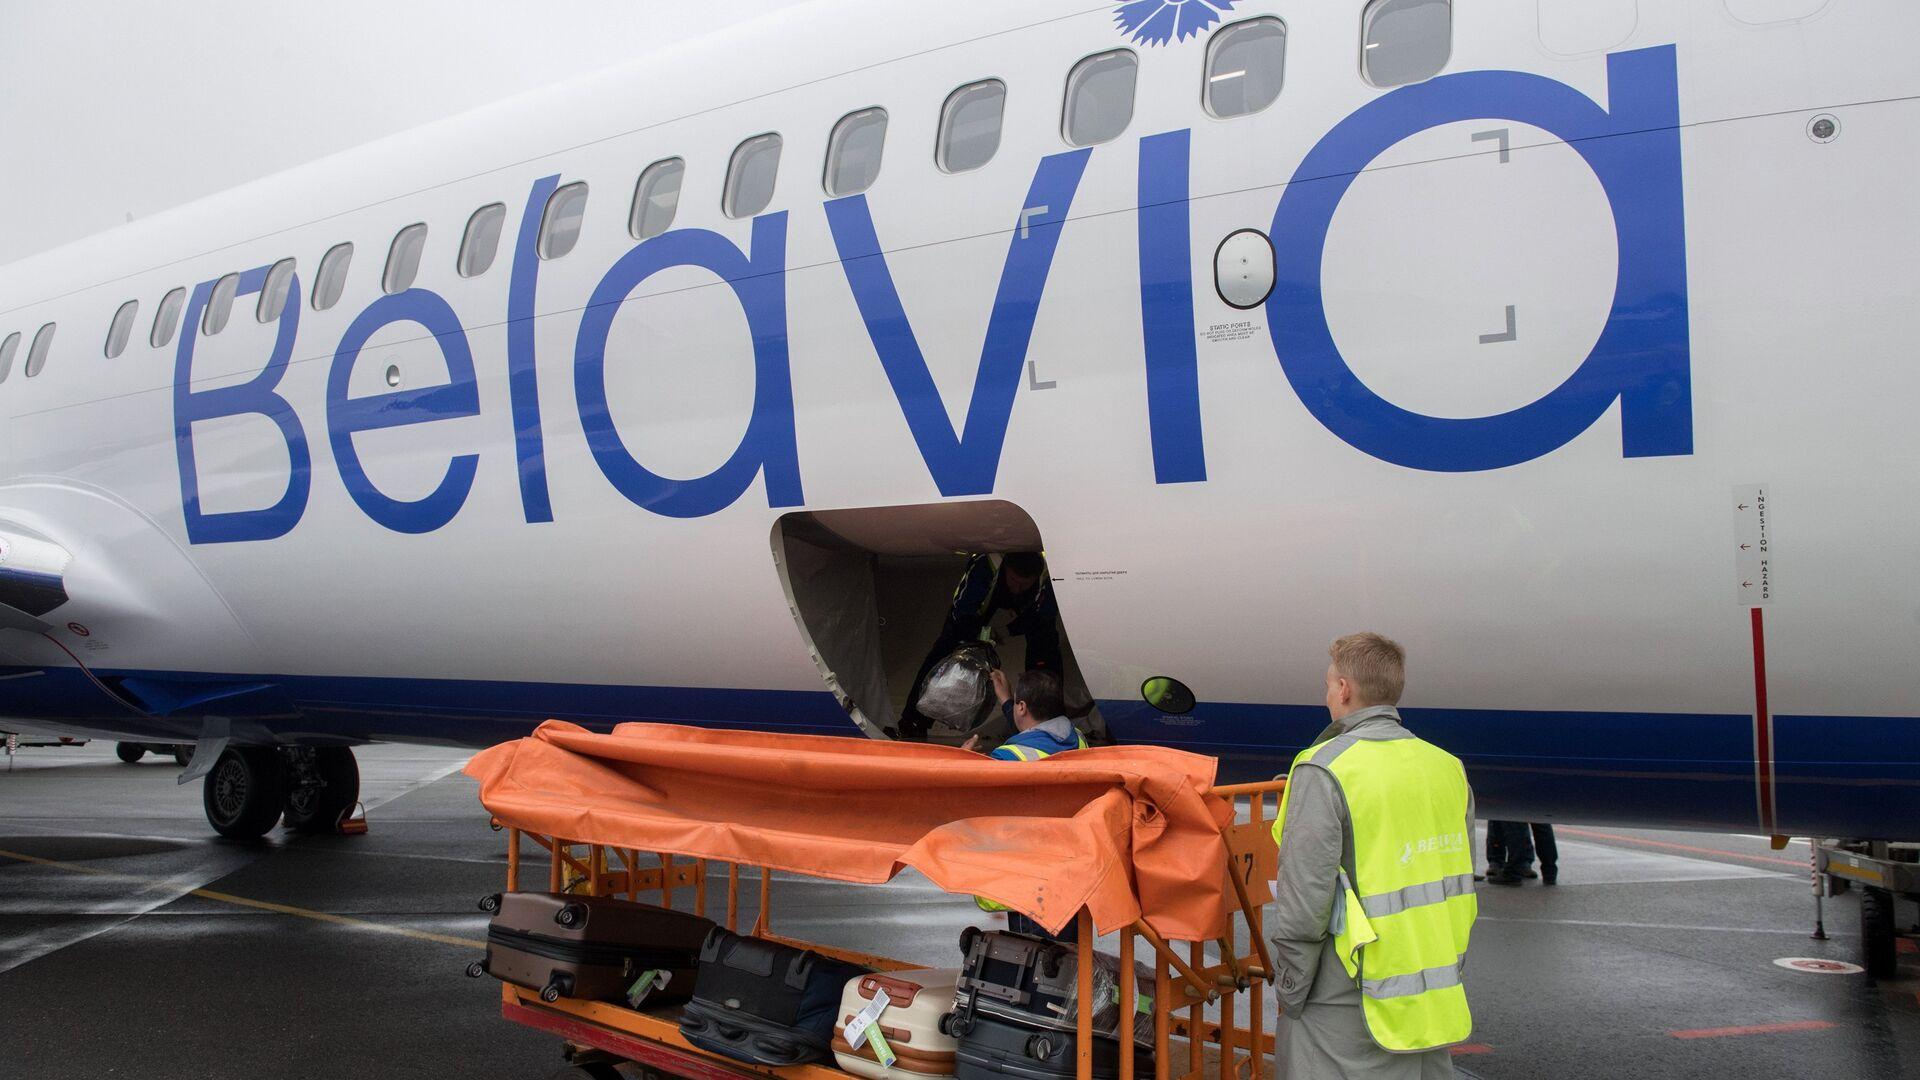 Сотрудники Международного аэропорта Жуковский загружают чемоданы пассажиров в багажный отсек самолета белорусской авиакомпании Белавиа - РИА Новости, 1920, 22.09.2020